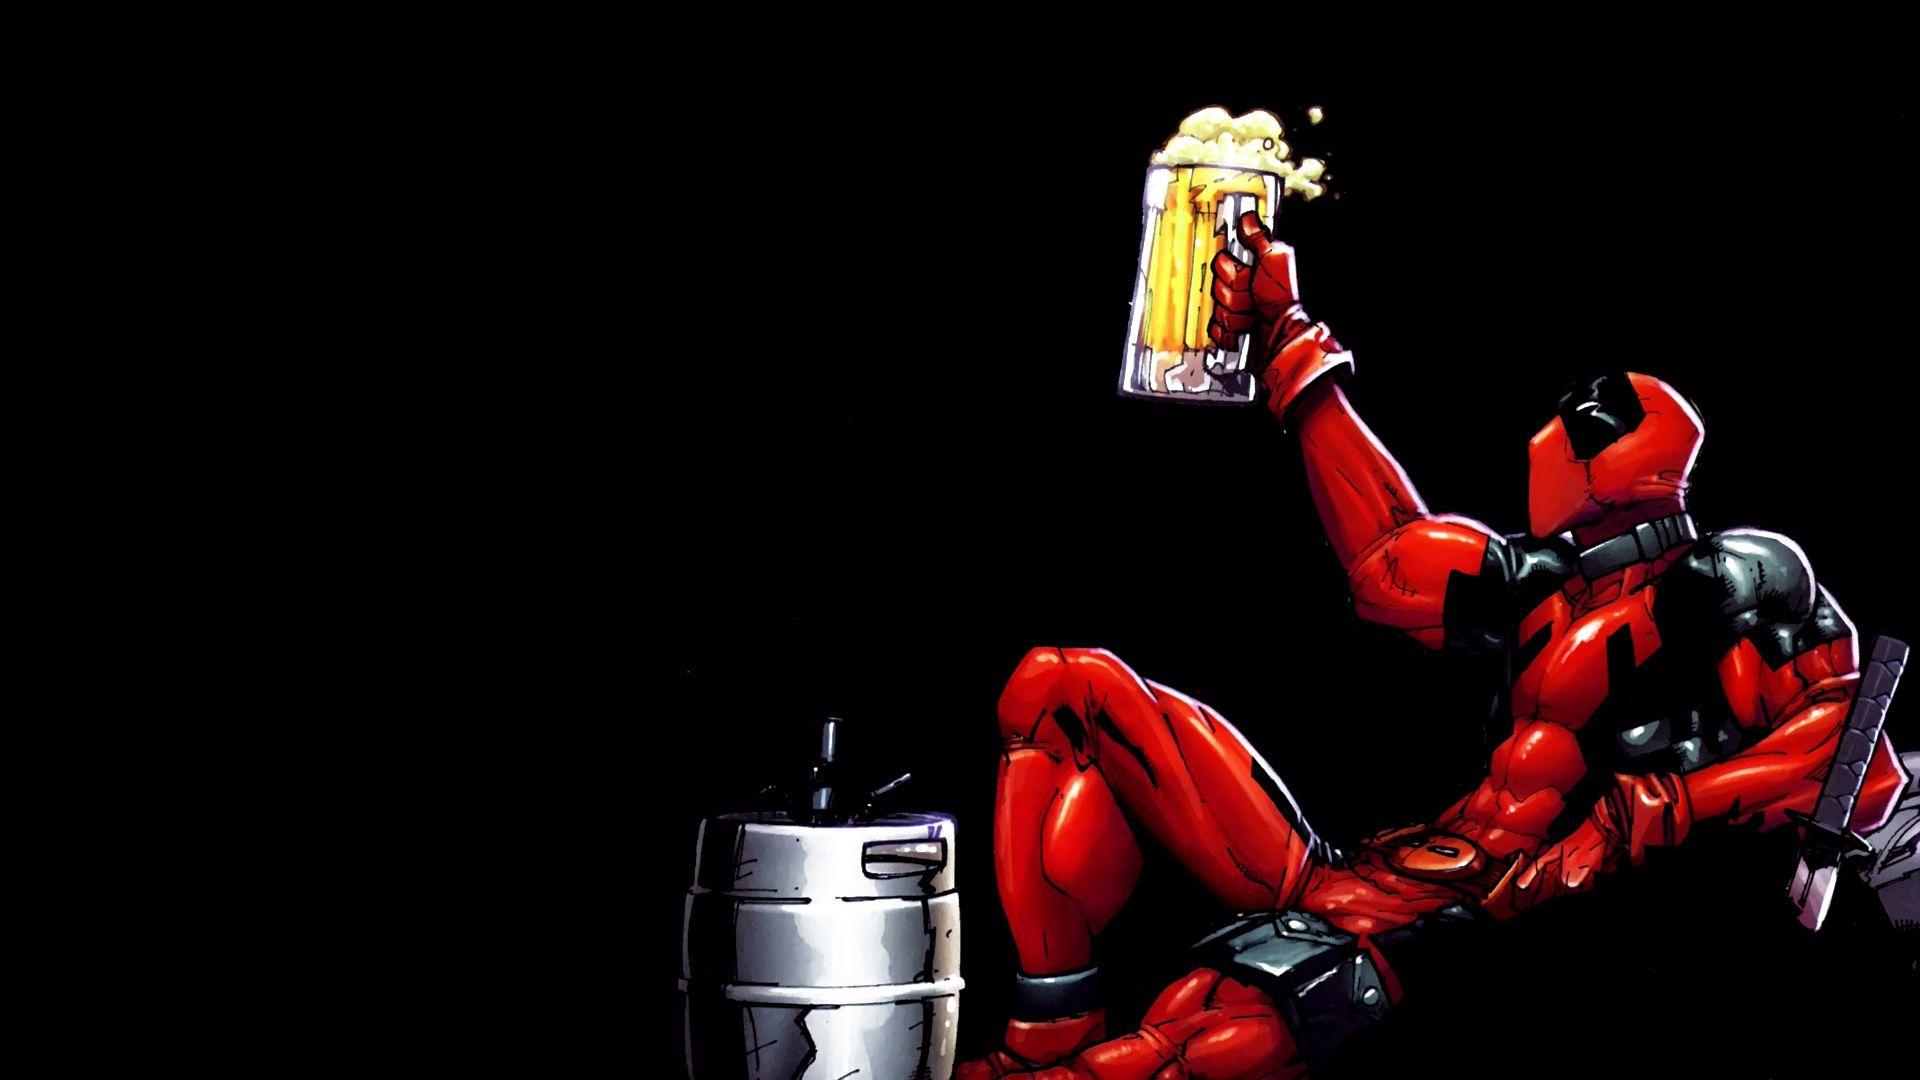 1000 Ideas About Deadpool Hd Wallpaper On Pinterest: Funny Deadpool Wallpaper 1920x1080 Pixel